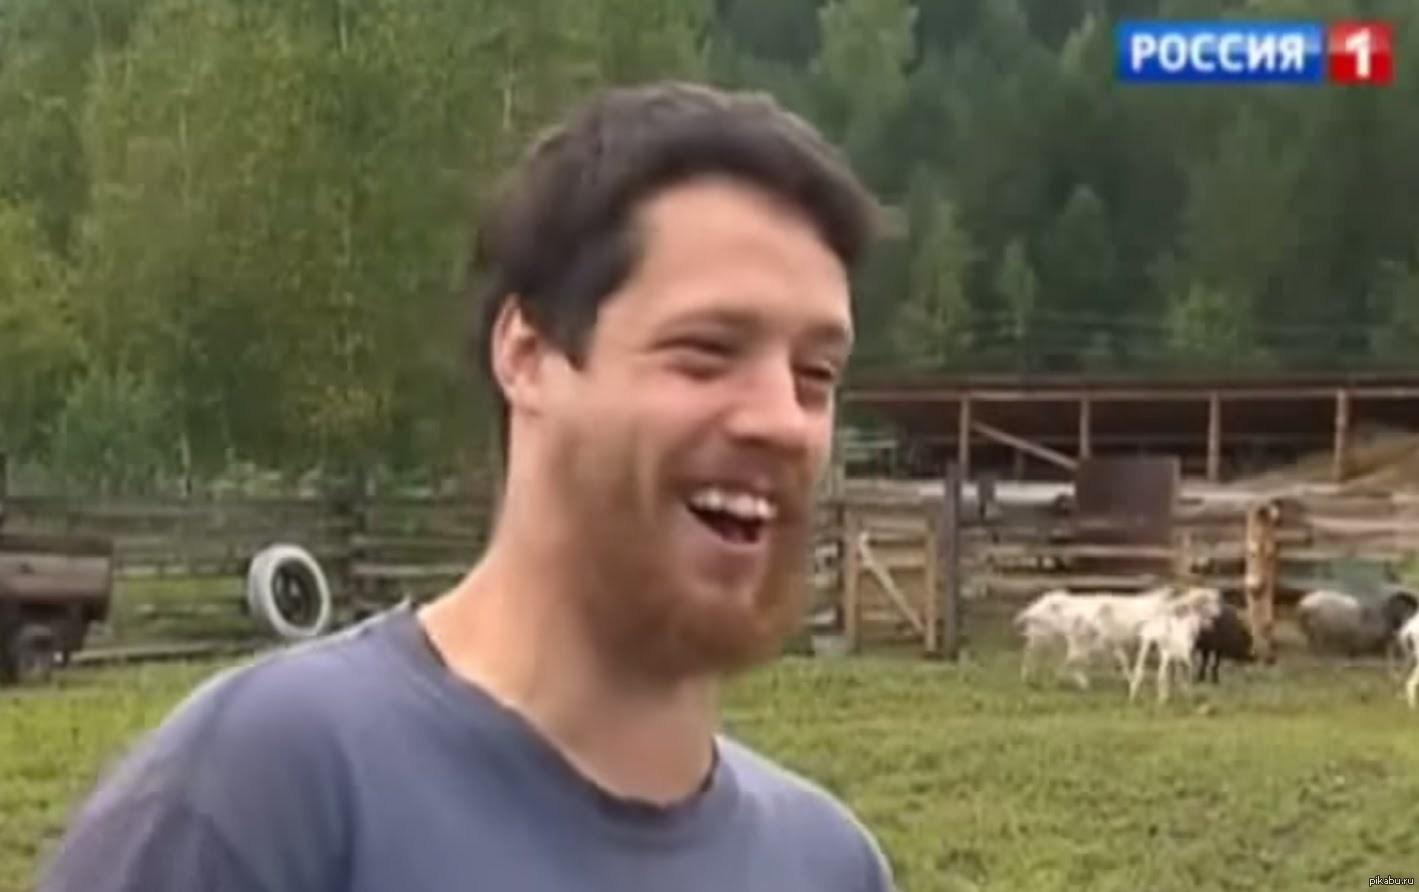 http://s6.pikabu.ru/post_img/big/2015/07/22/9/1437578718_1163200579.jpg